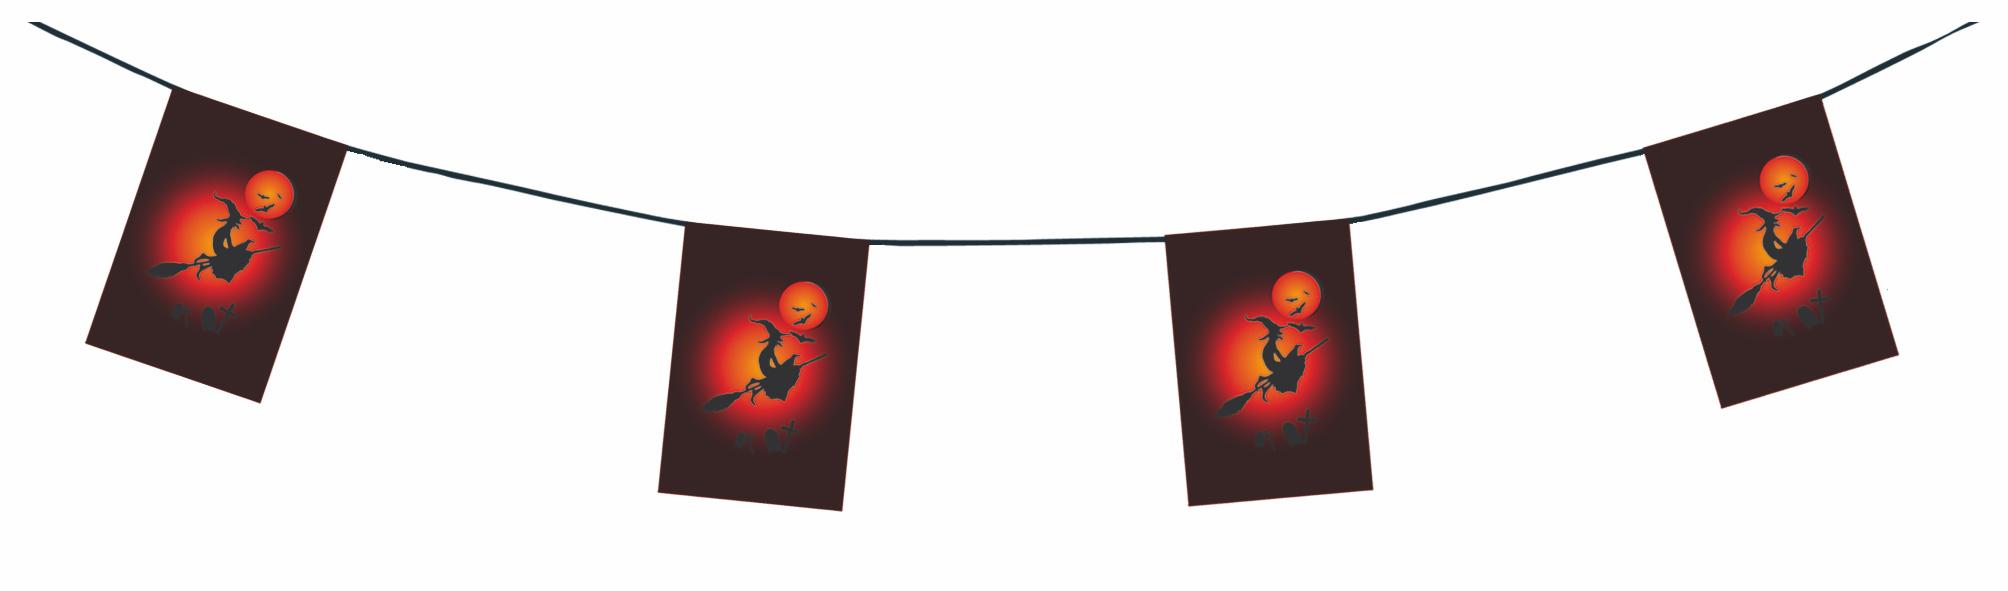 Guirlande sorcière en papier ignifugé pour Halloween